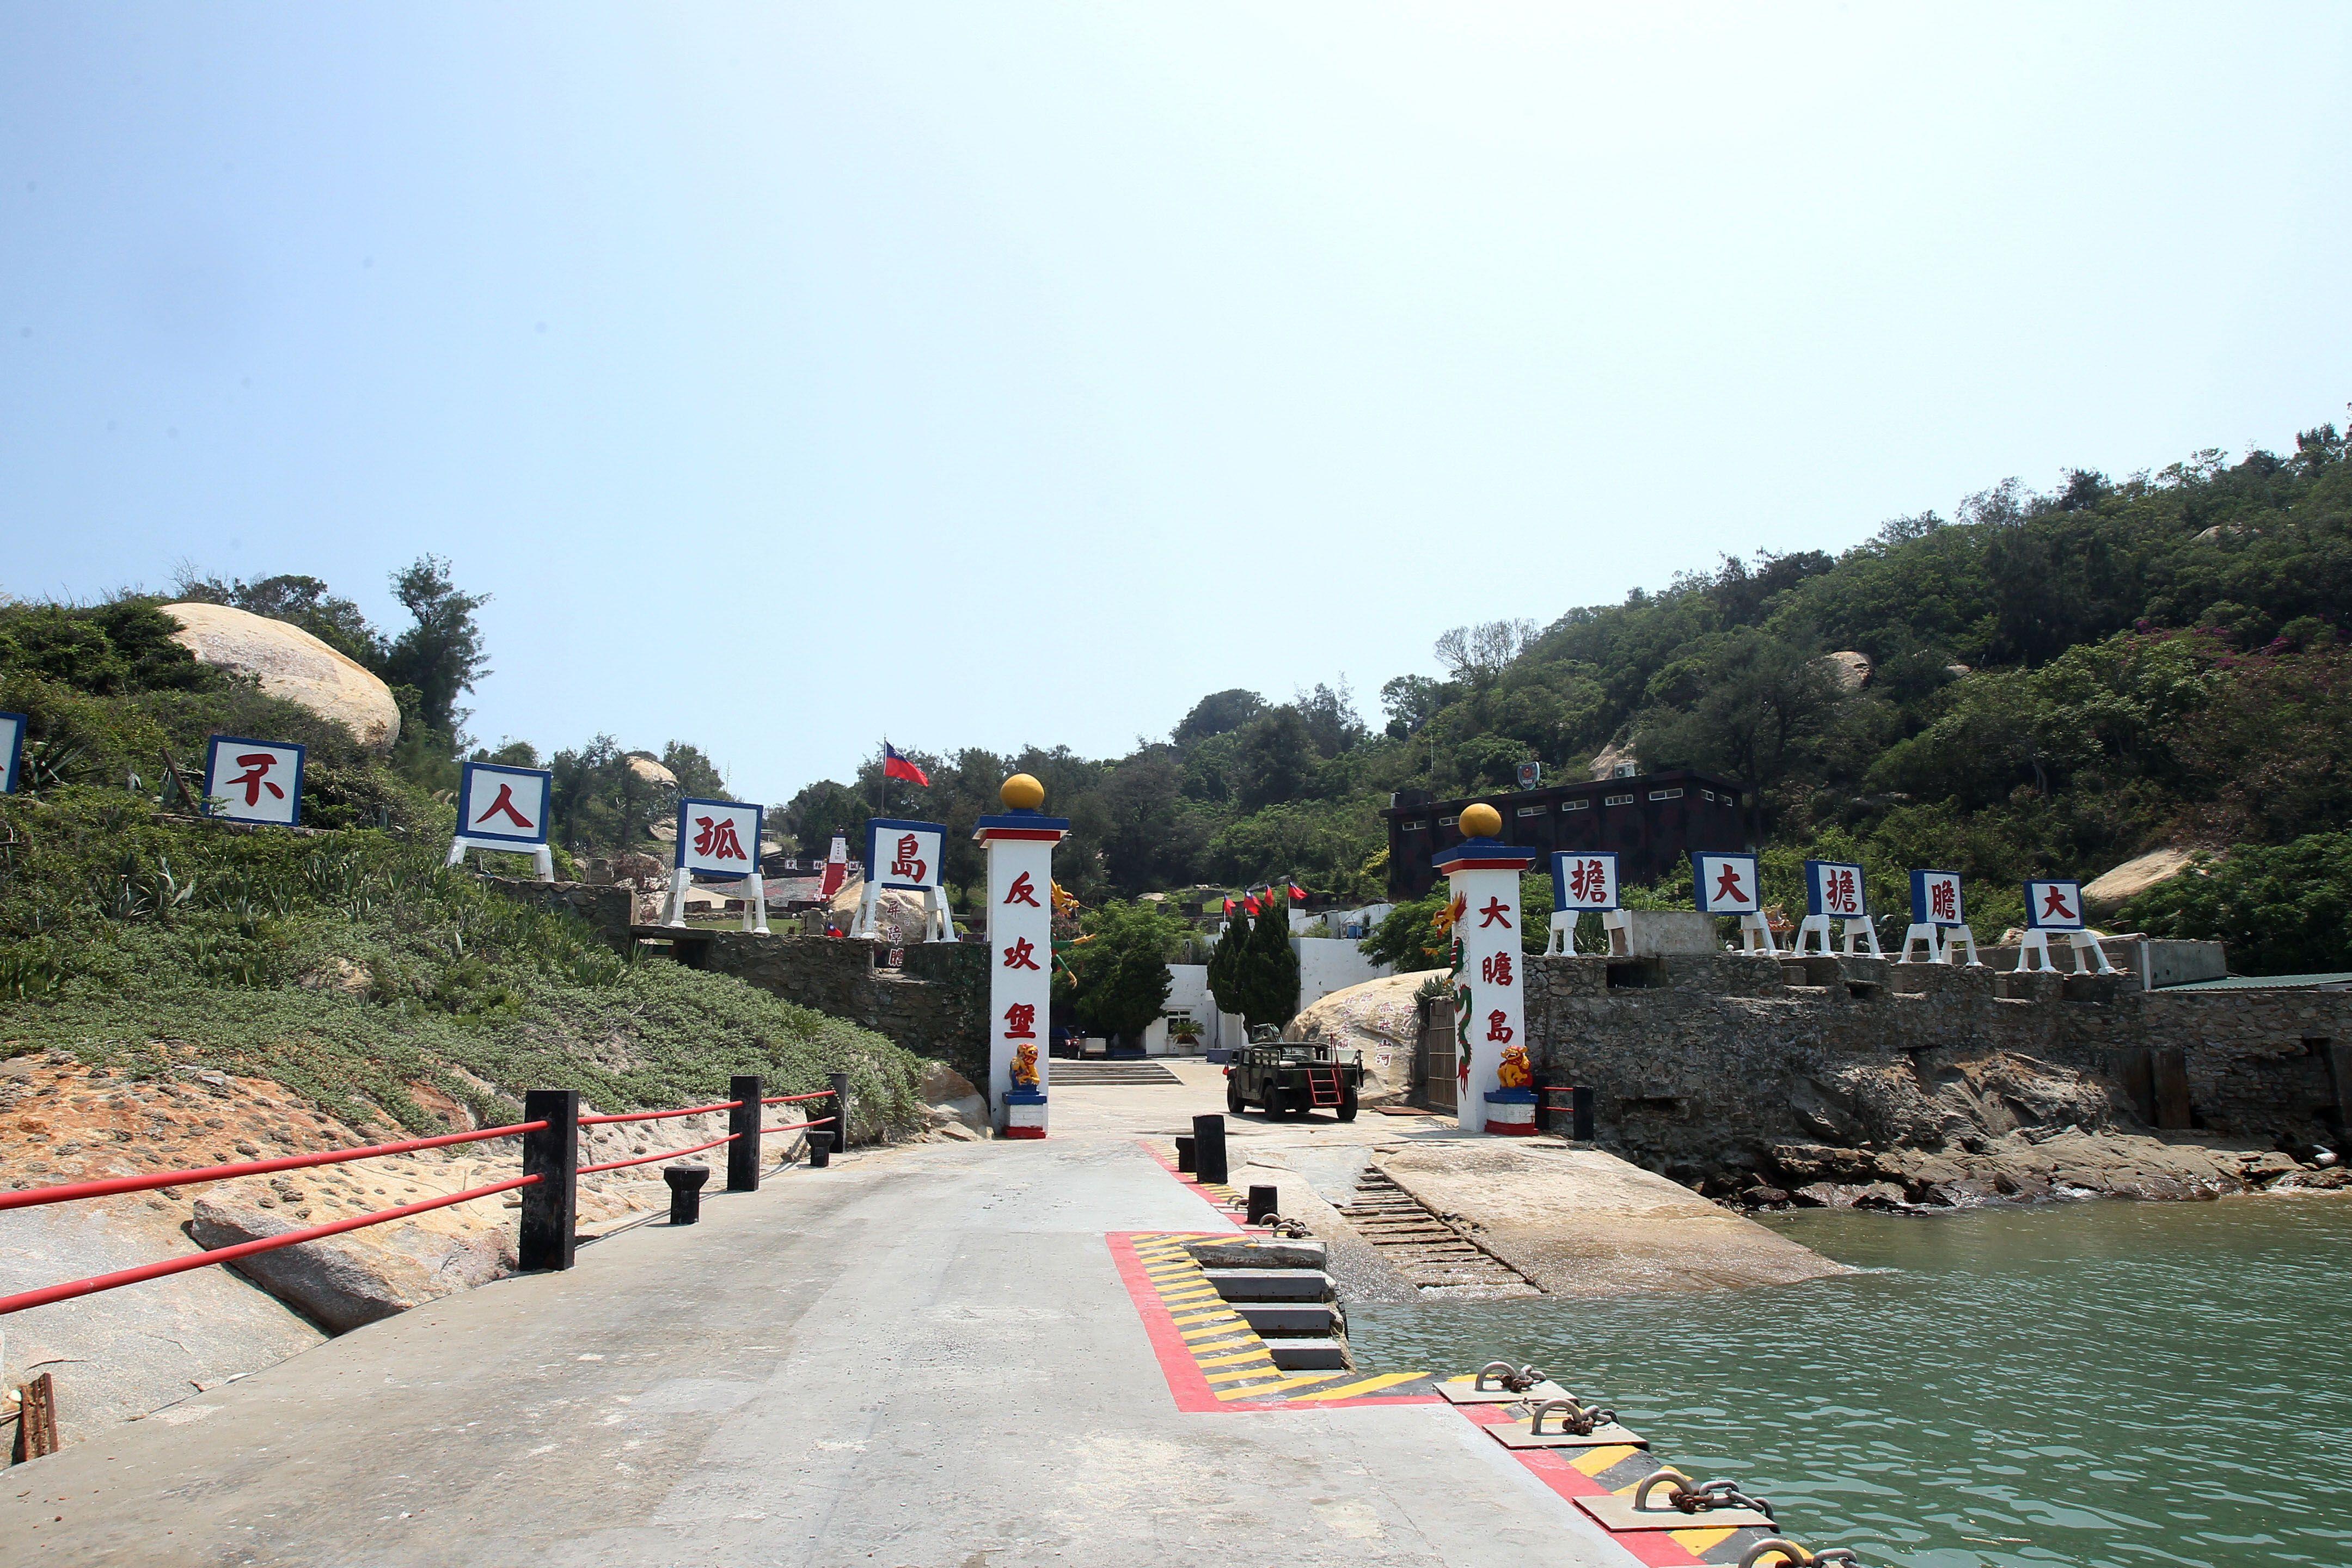 「島孤人不孤」大膽島7月即將開放每次300名觀光客登島參觀。(記者邱榮吉/大膽島拍攝)